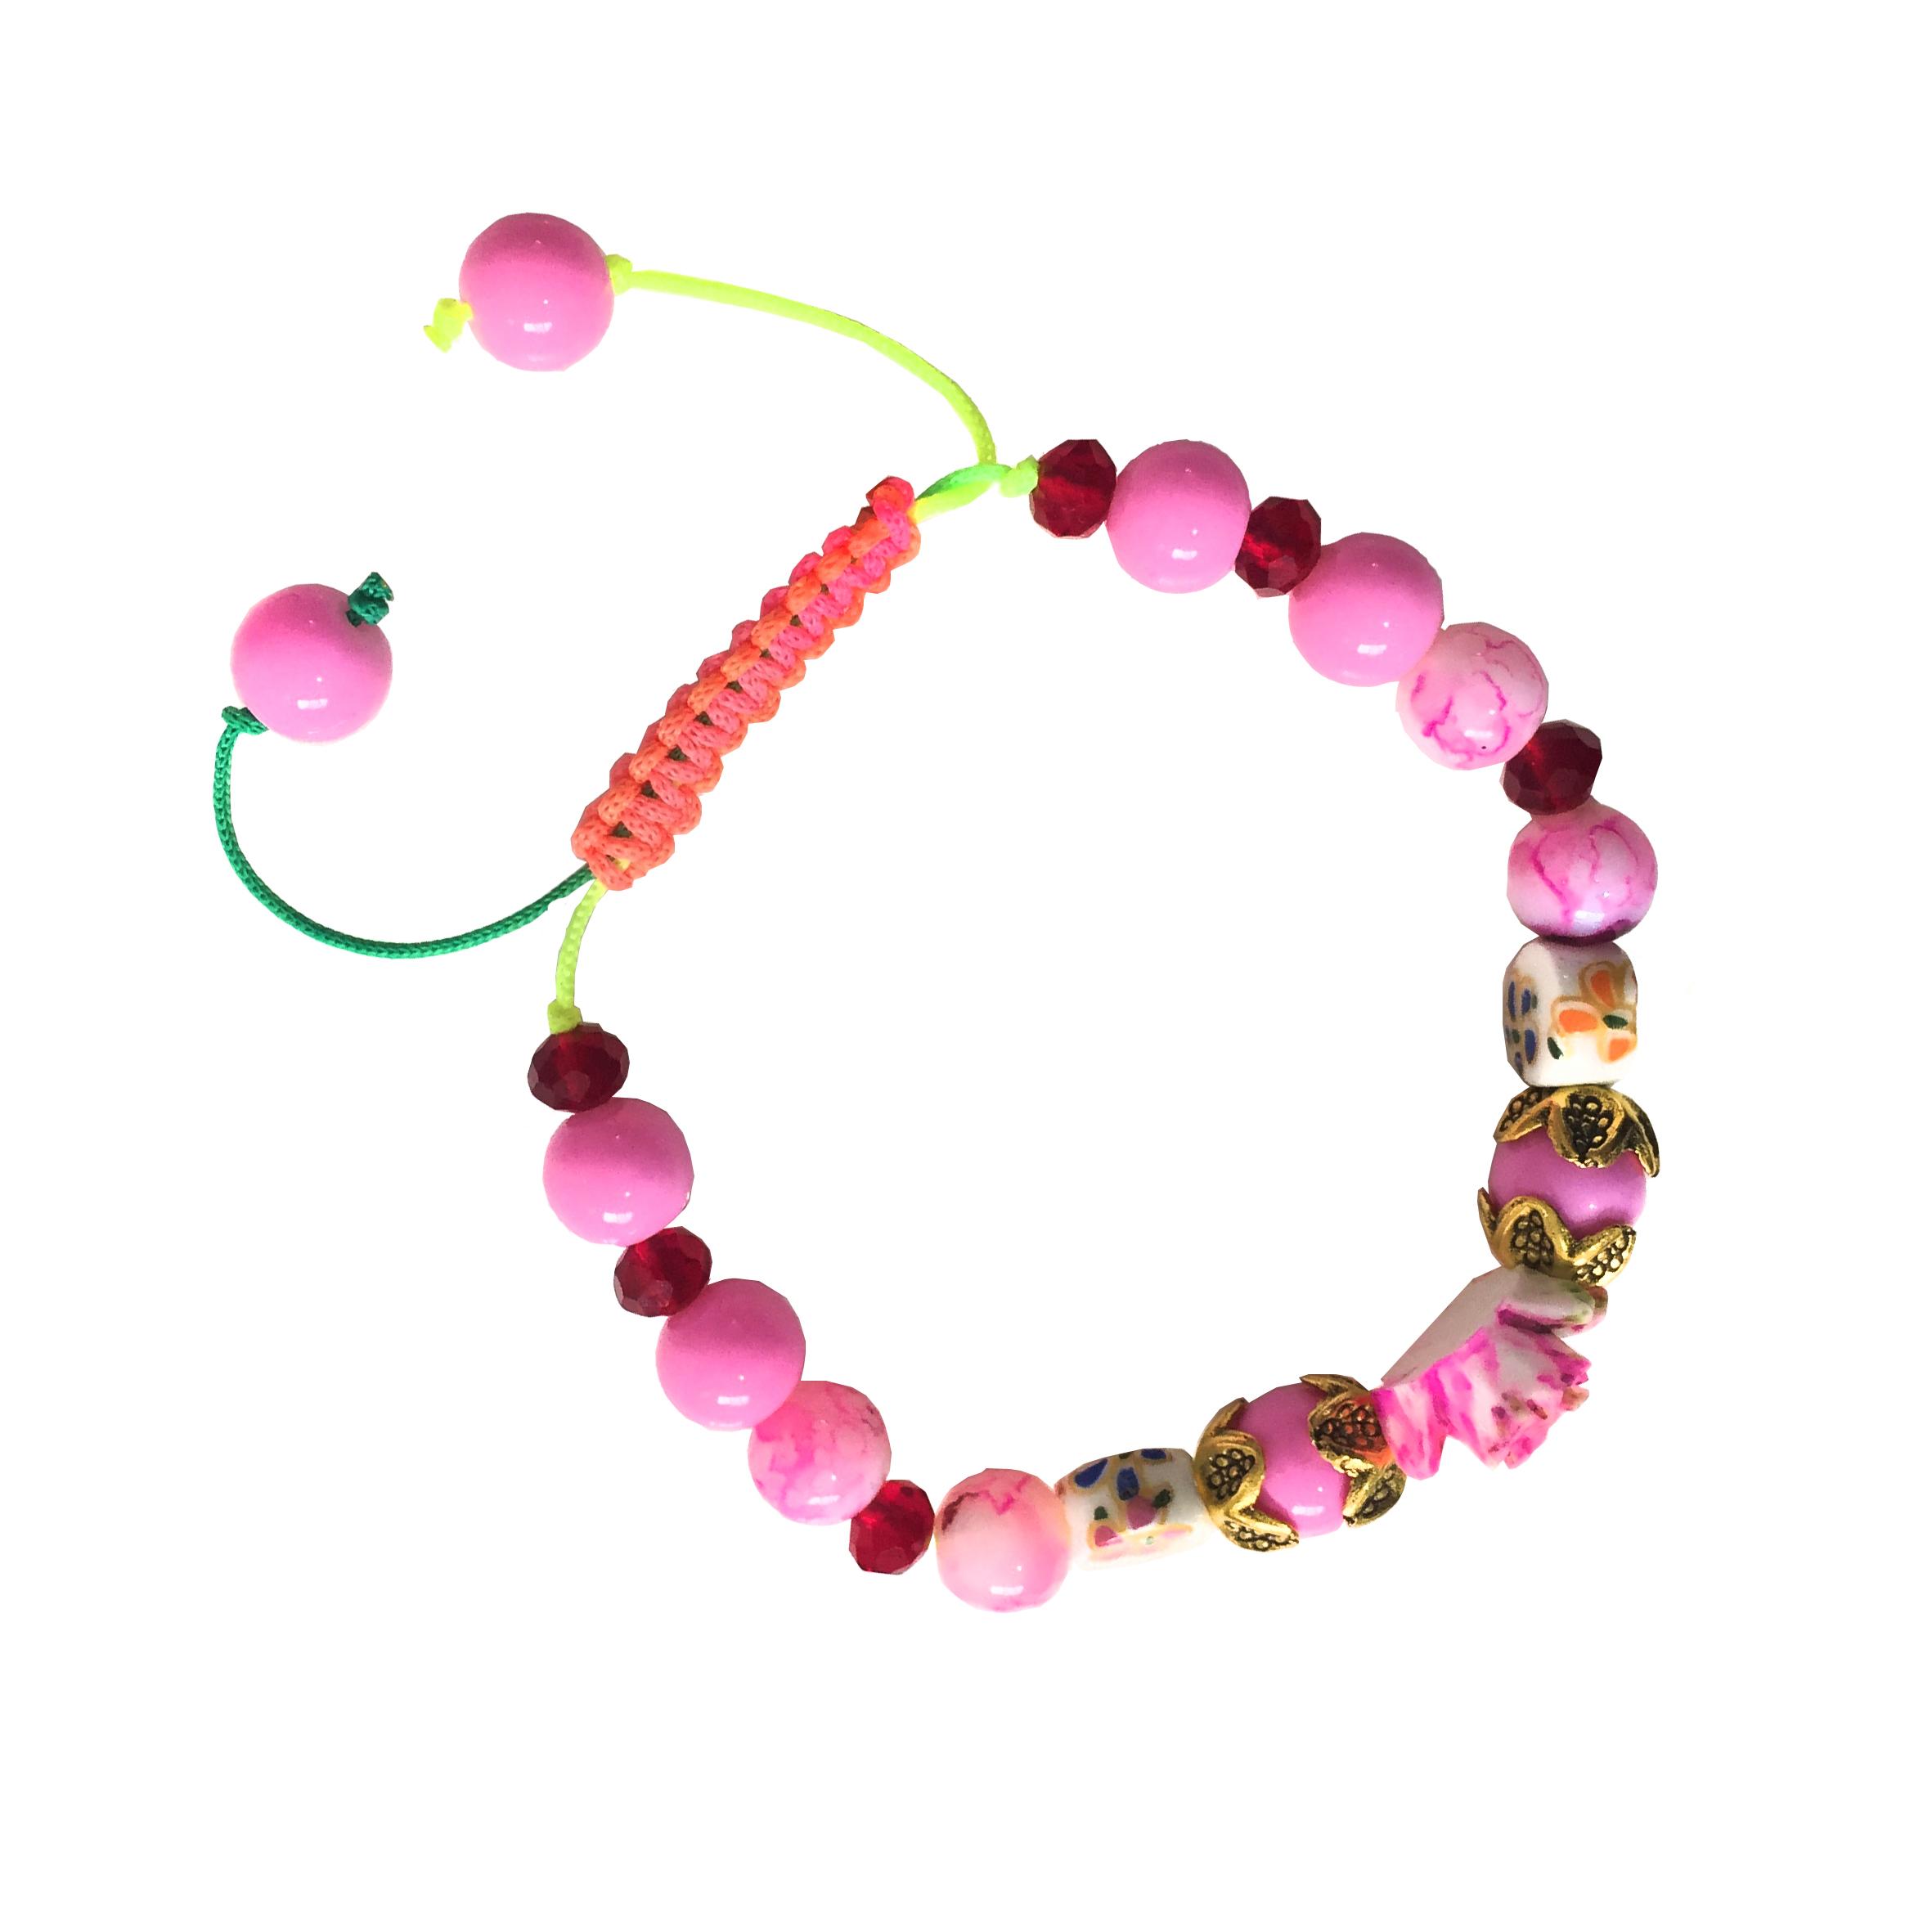 دستبند دخترانه مدل گل رز رنگ صورتی